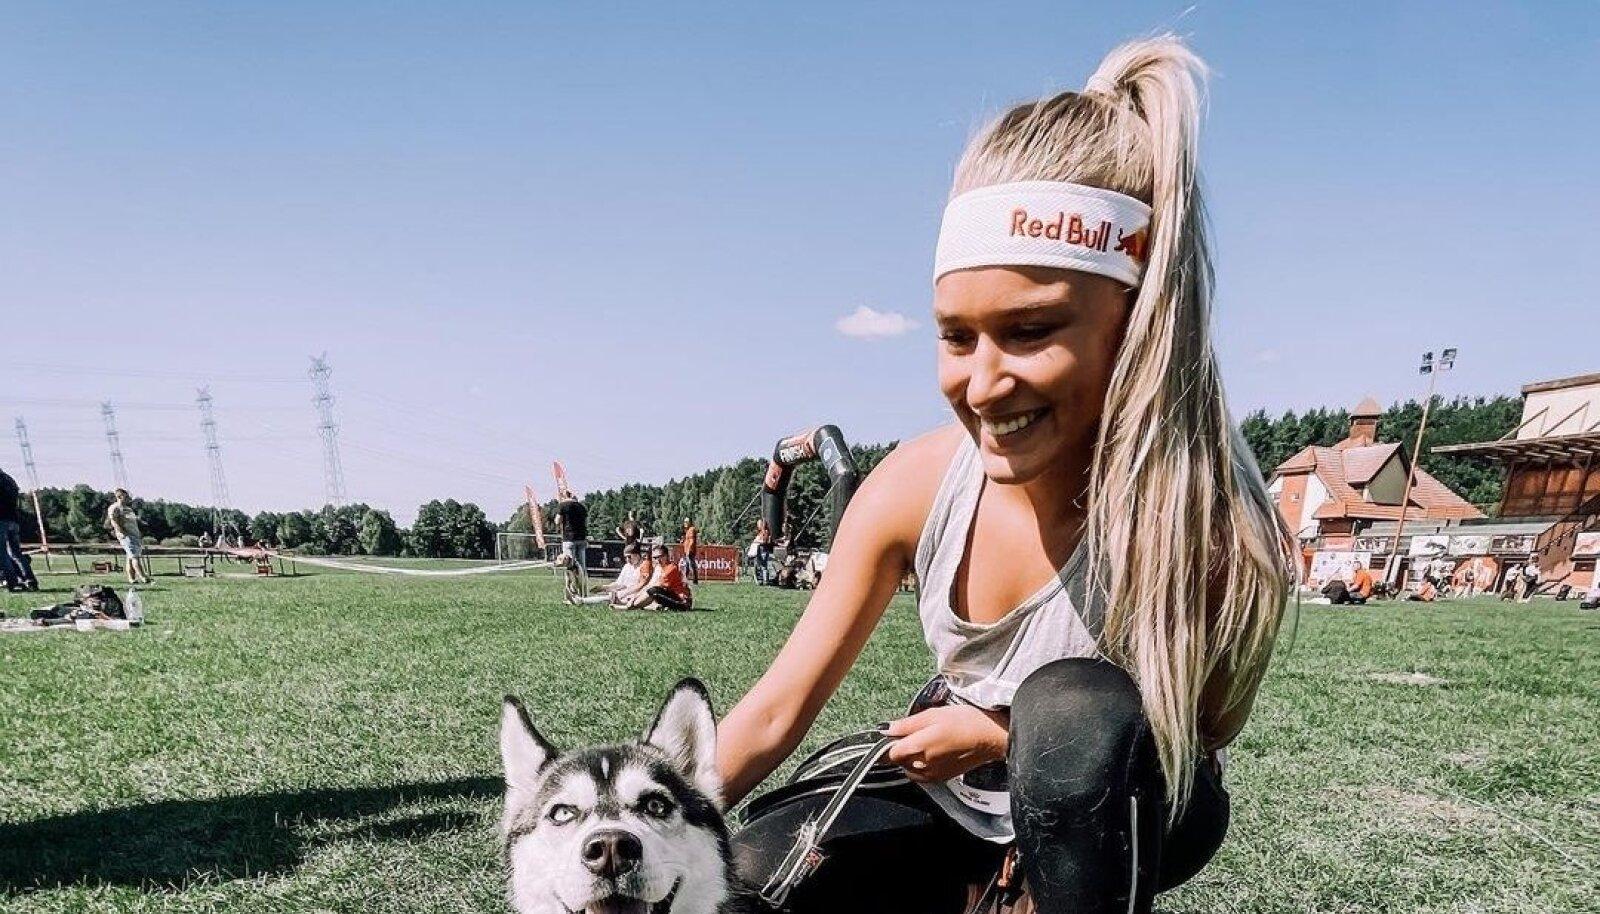 Kelly Sildaru koos Kira'ga Poolas võistlustel.